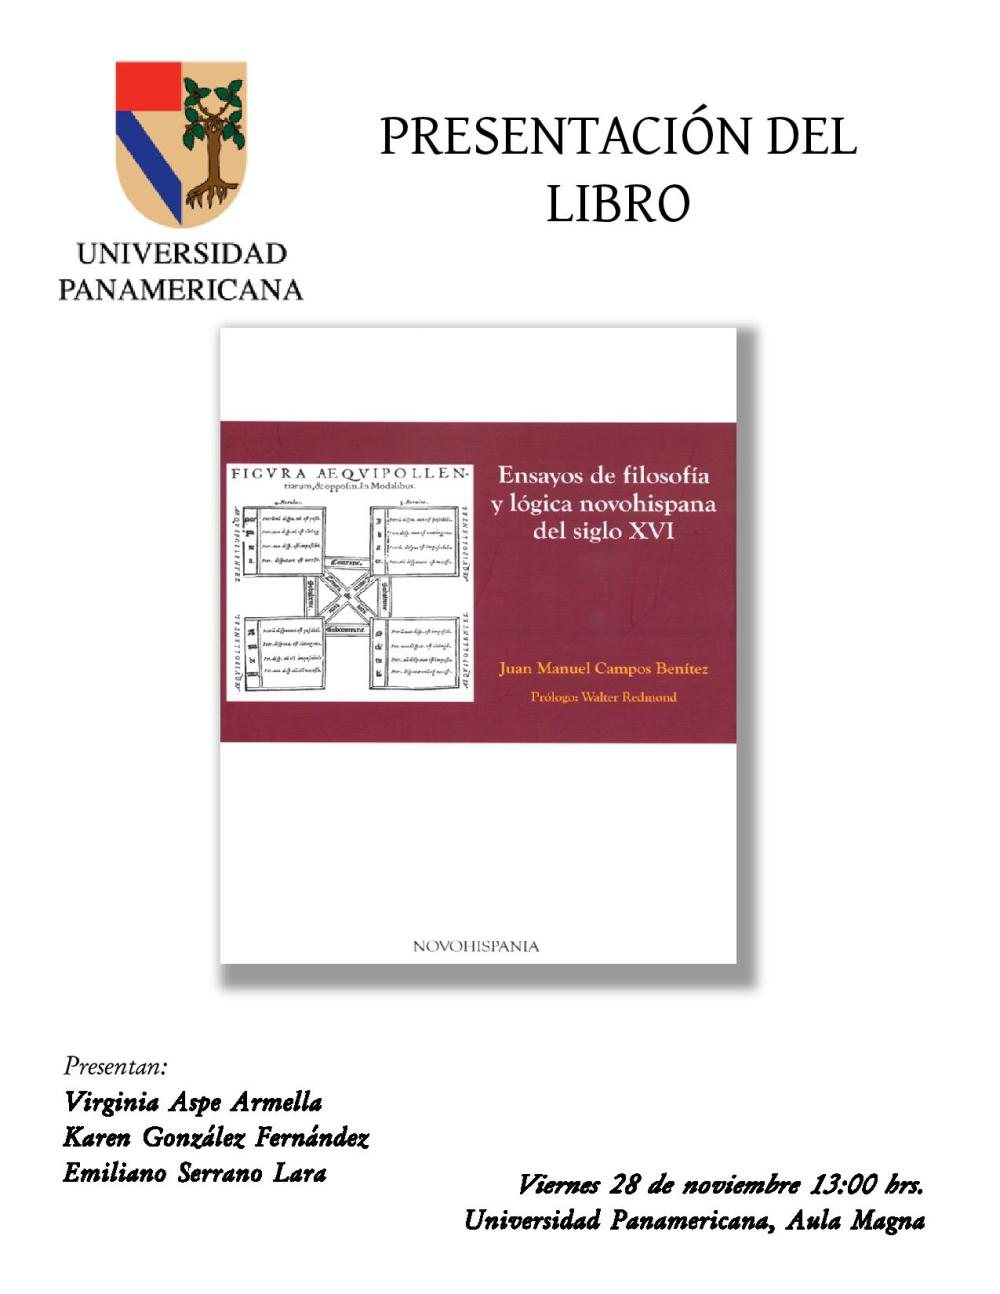 PRESENTACION LIBRO DE LOGICA DE JUAN MANUEL CAMPOS, UP, NOV 2014-page-001